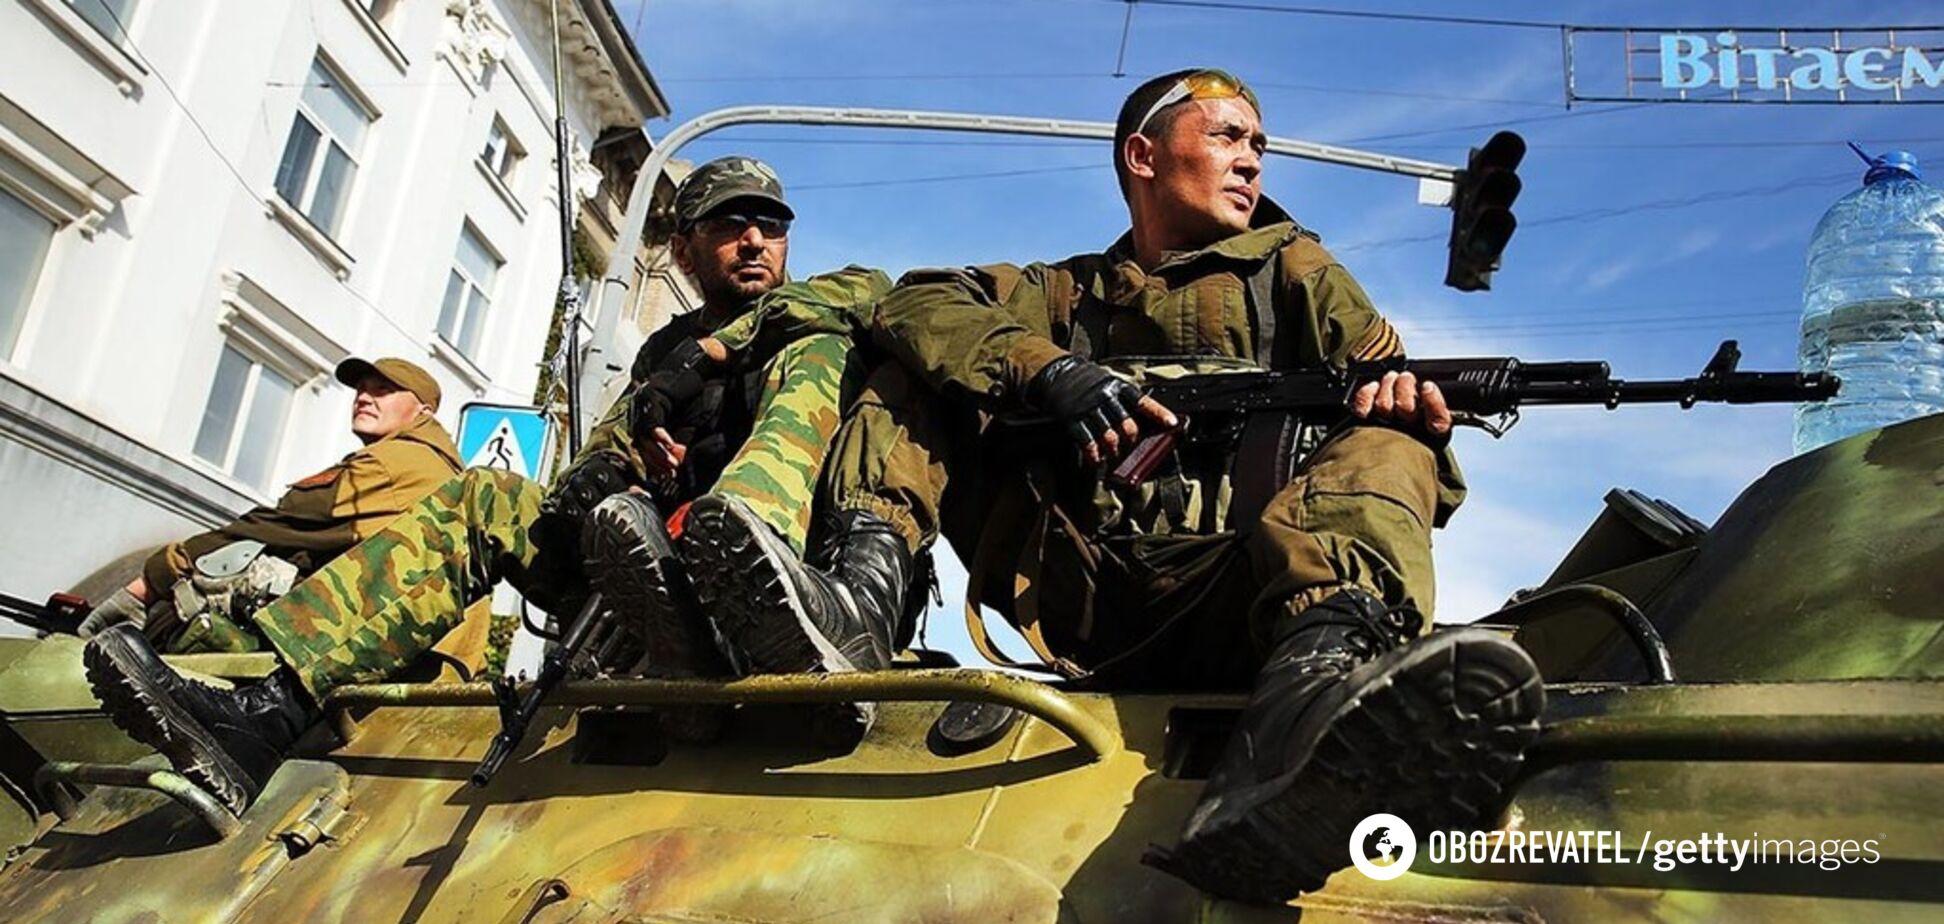 Трамп за Путина? США решили 'заморозить' военную помощь Украине — СМИ